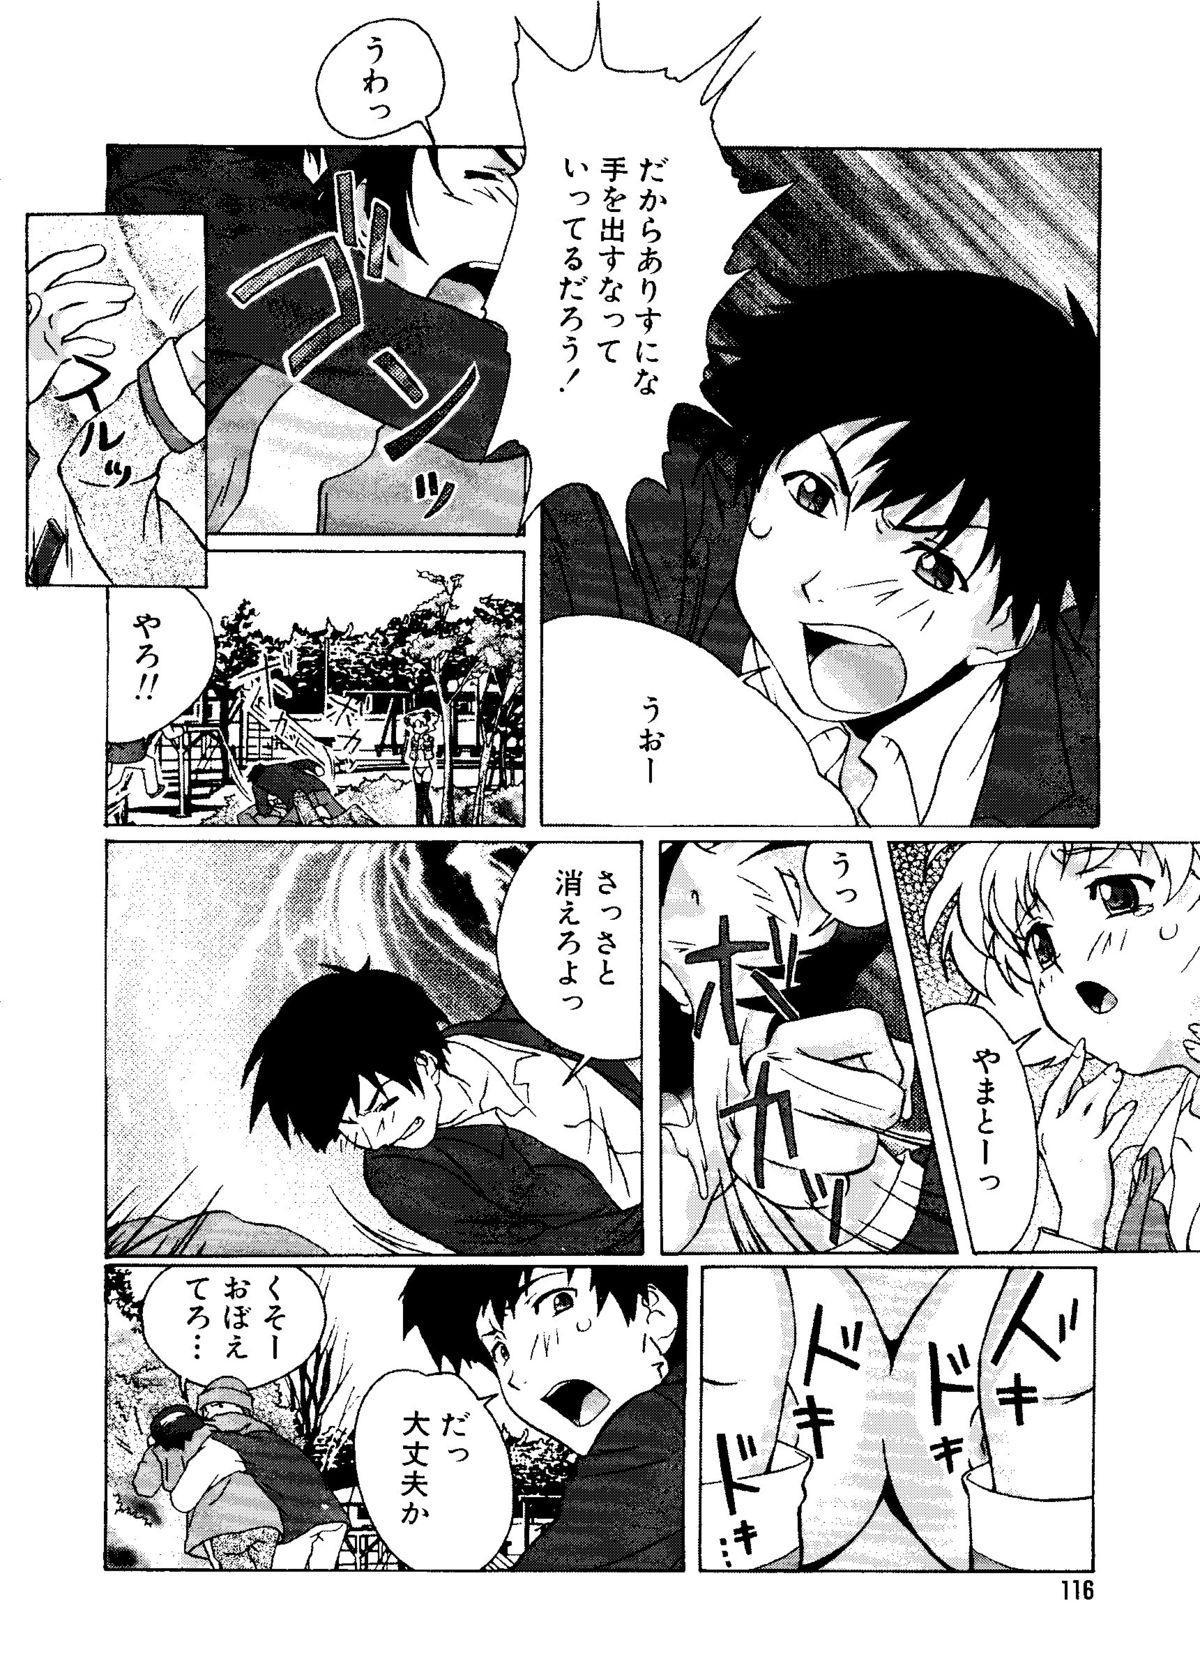 Mujirushi Youhin Vol. 7 114